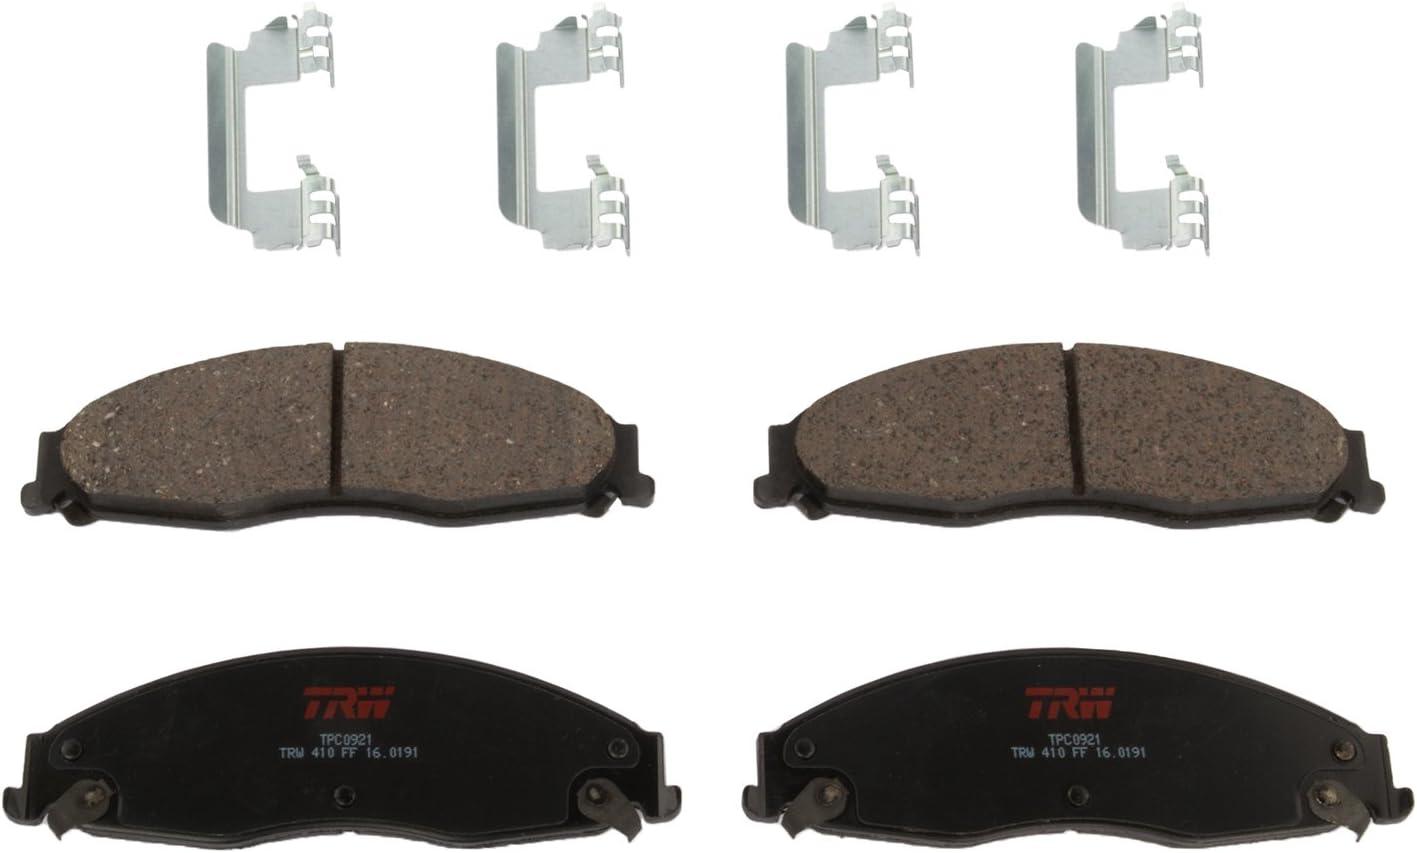 TRW Automotive TPC0921 Ceramic Black Premium Disc Brake Pad Set 153 Pack